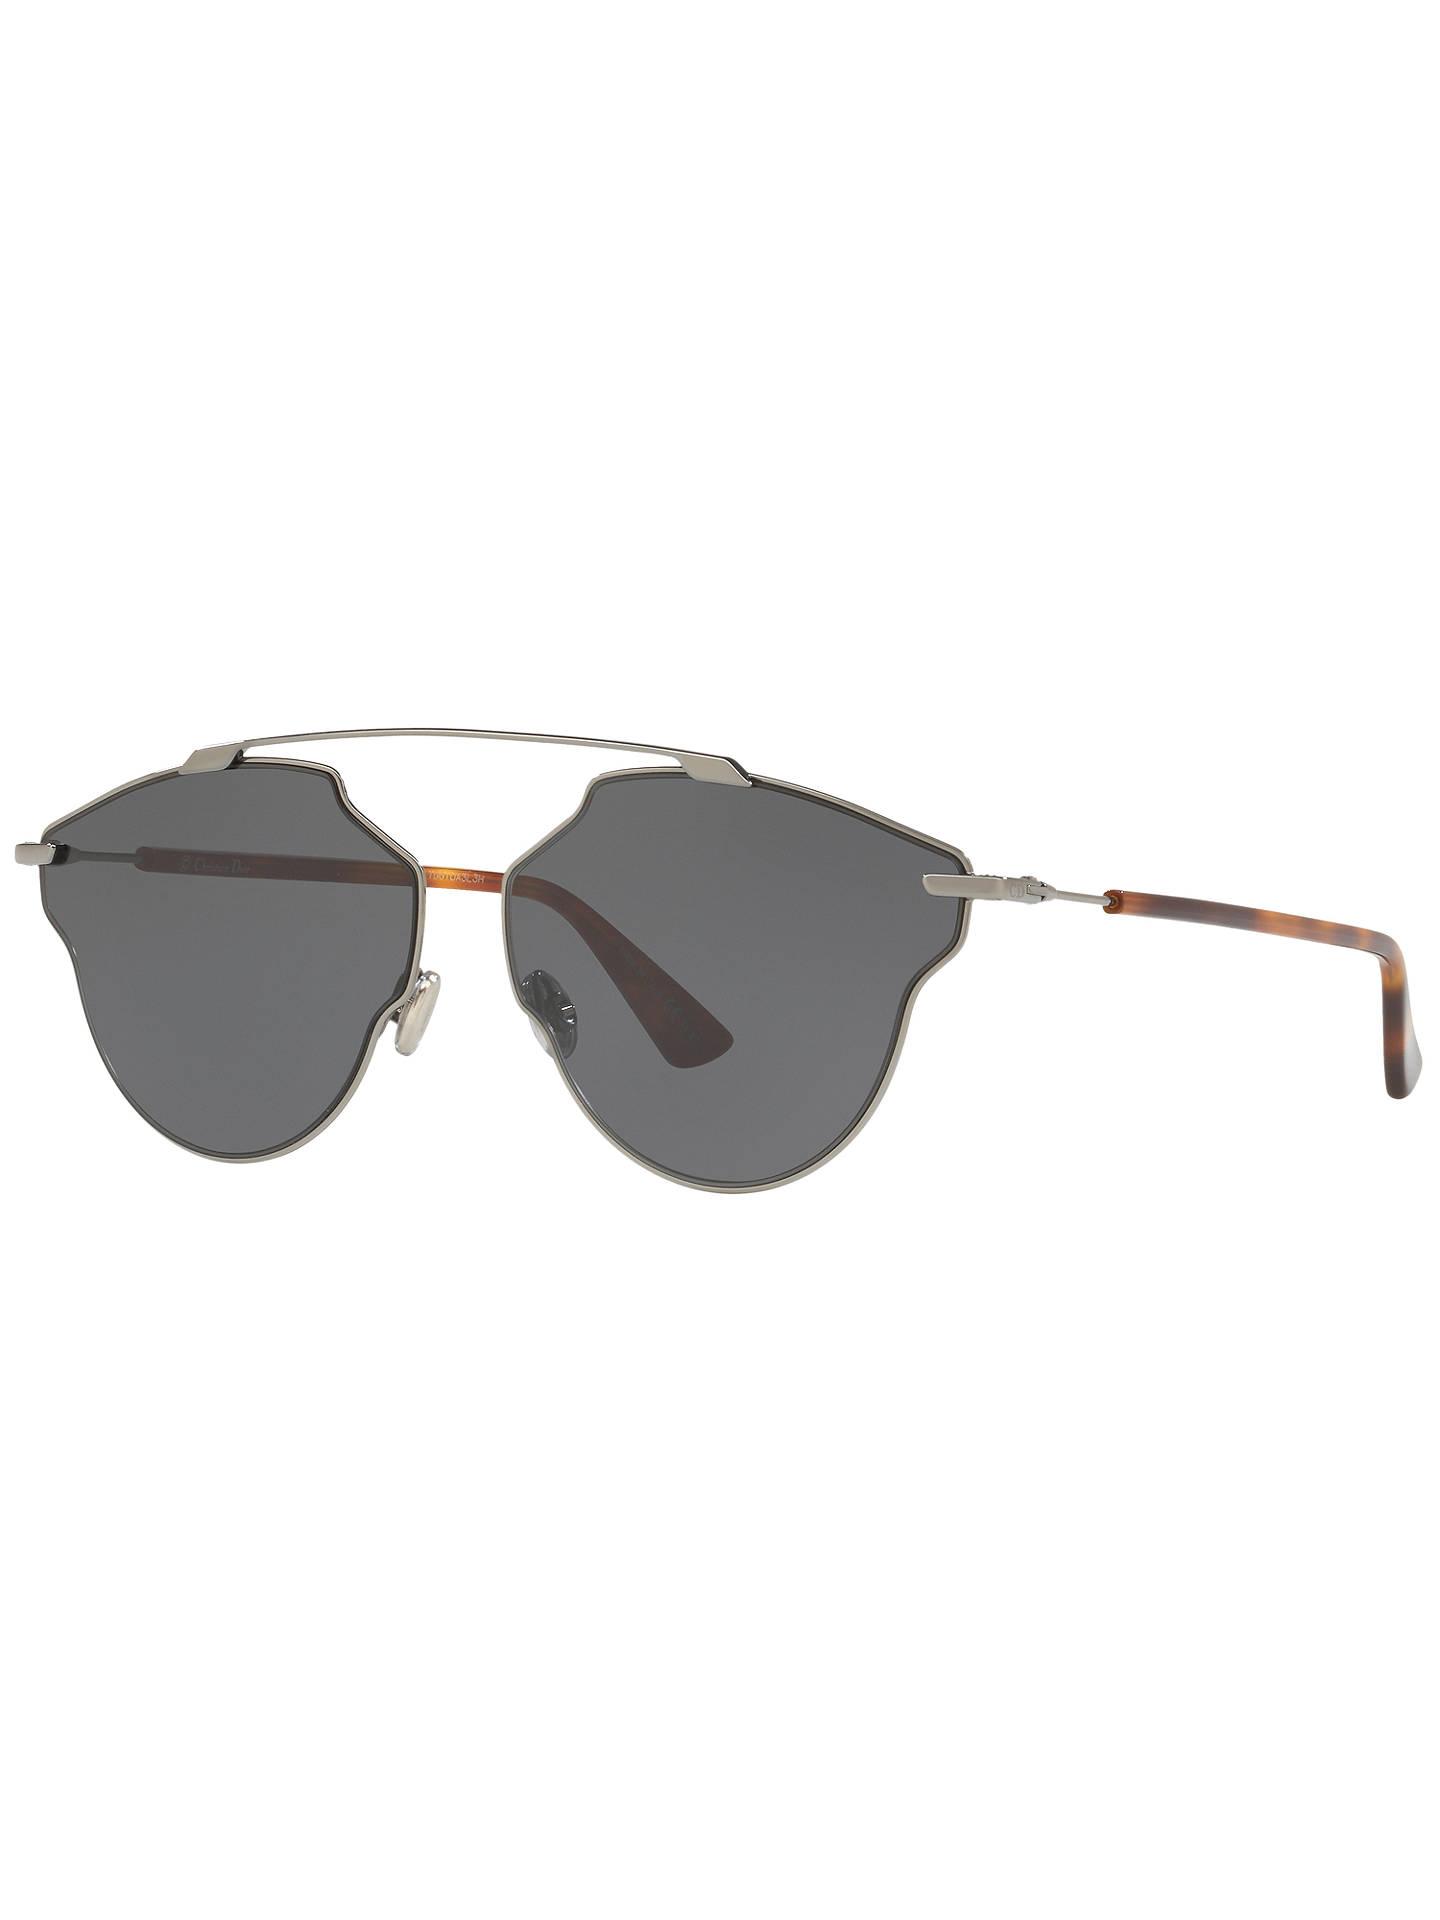 e82d330547 Dior DiorSoRealPop Aviator Sunglasses at John Lewis   Partners